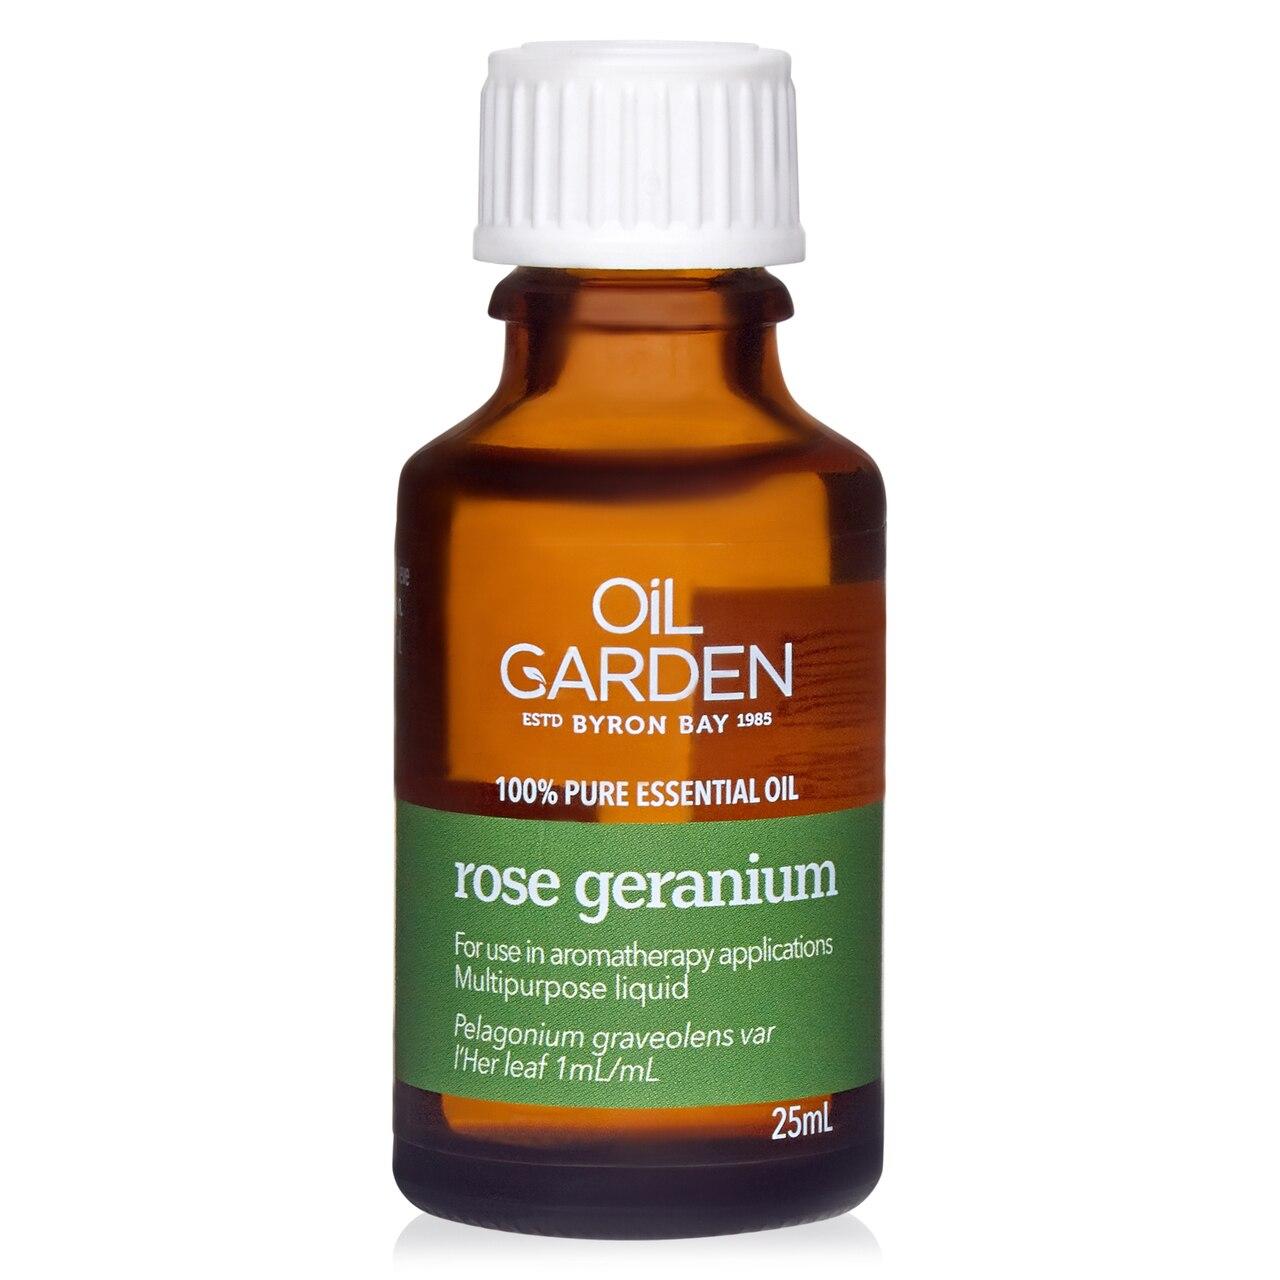 Oil Garden Rose Geranium Pure Essential Oil 25mL 6620079